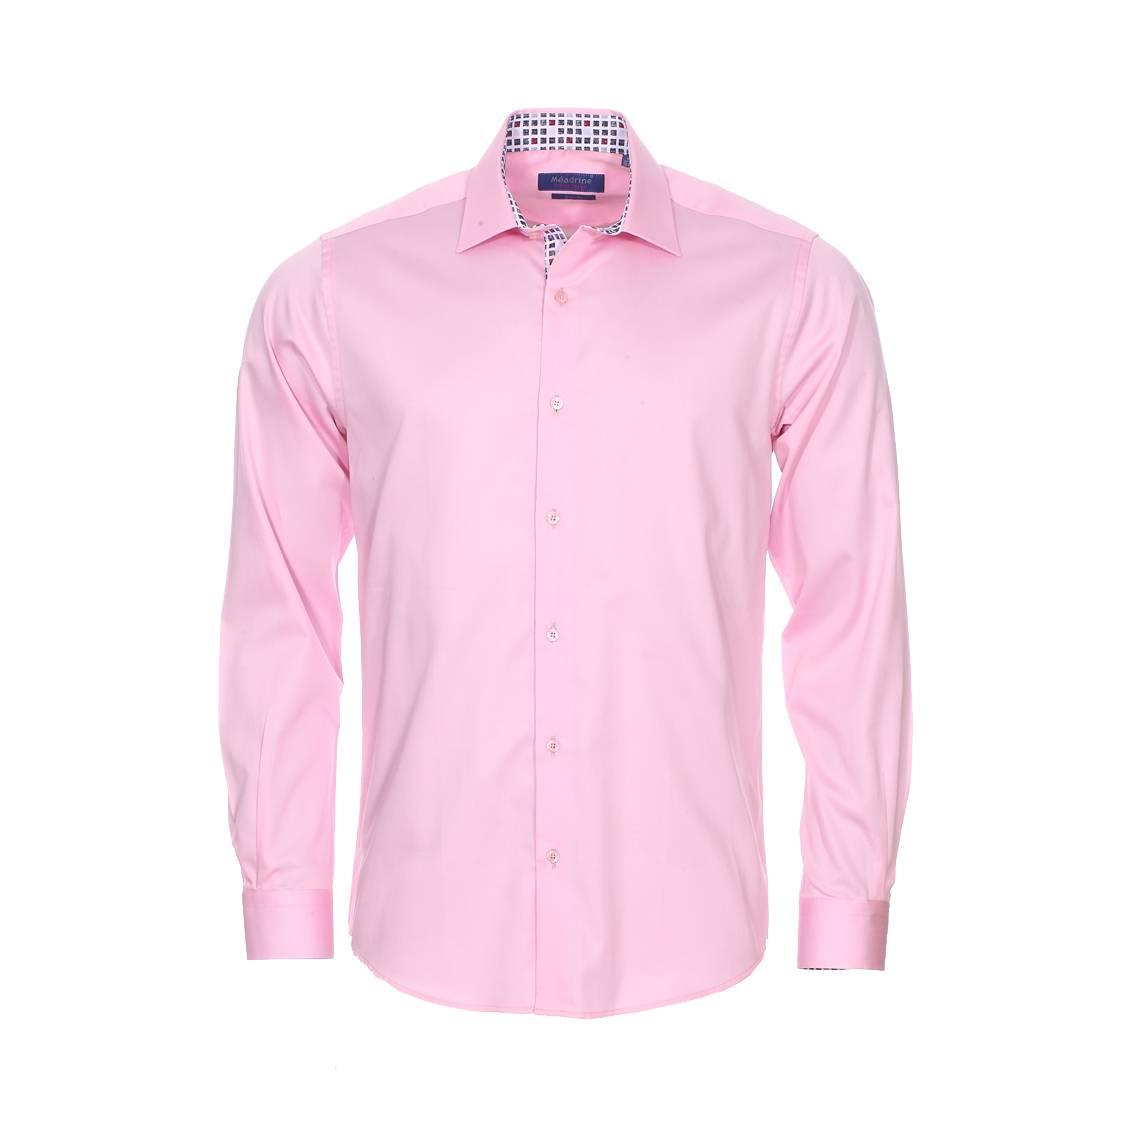 Chemise cintrée Méadrine Basic en coton rose avec opposition à motif carré rouge, bleu ciel, bleu marine et gris